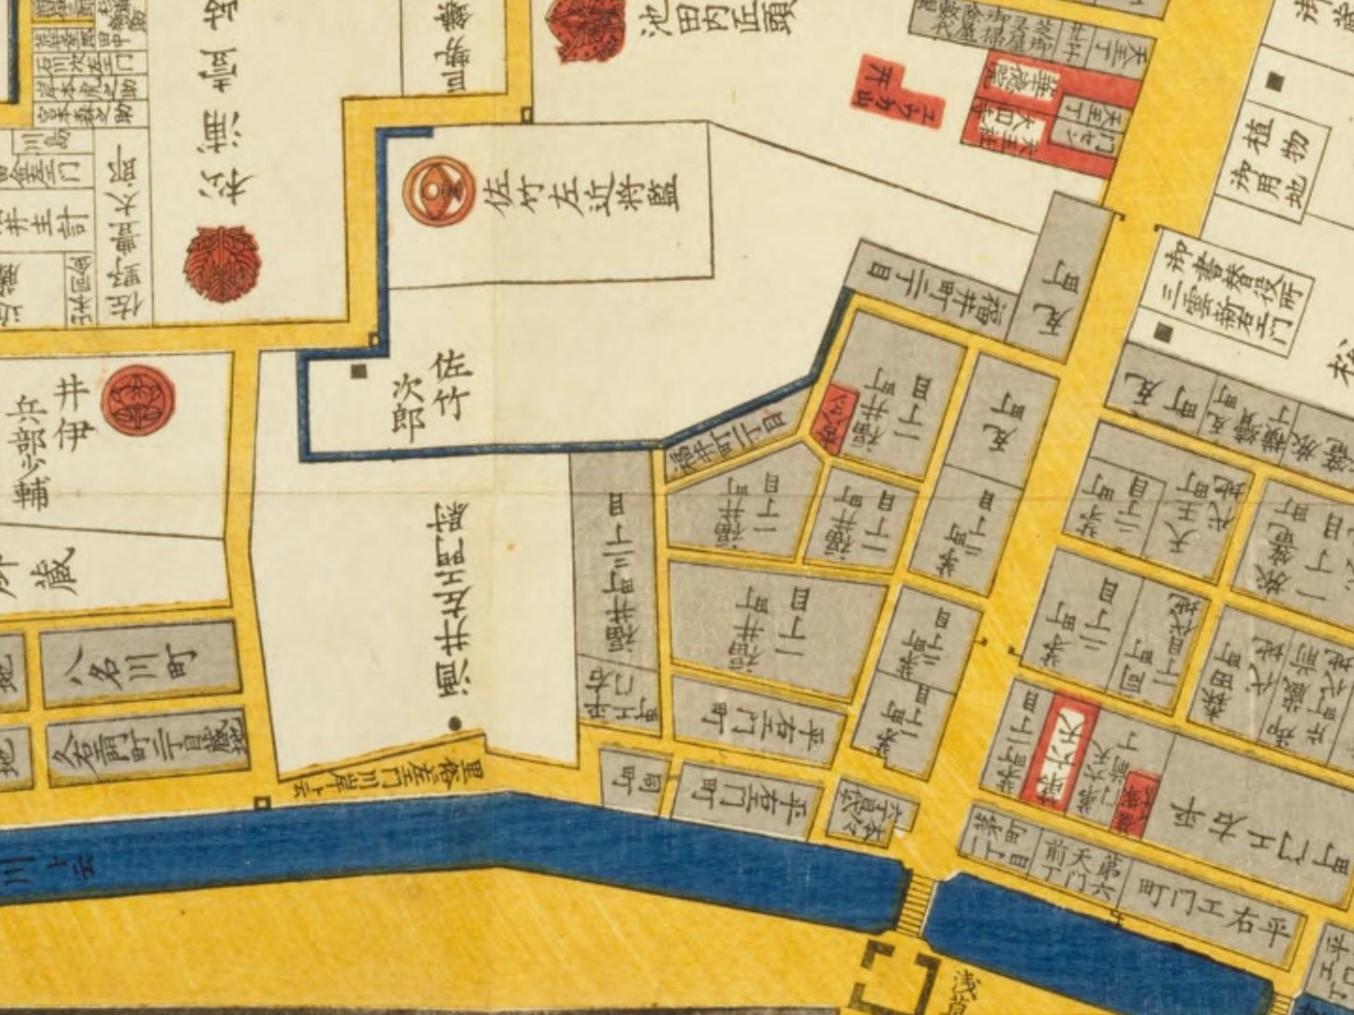 「東都浅草絵図」(井山能知(尾張屋清七、嘉永6年)国立国会図書館デジタルコレクション)の画像。